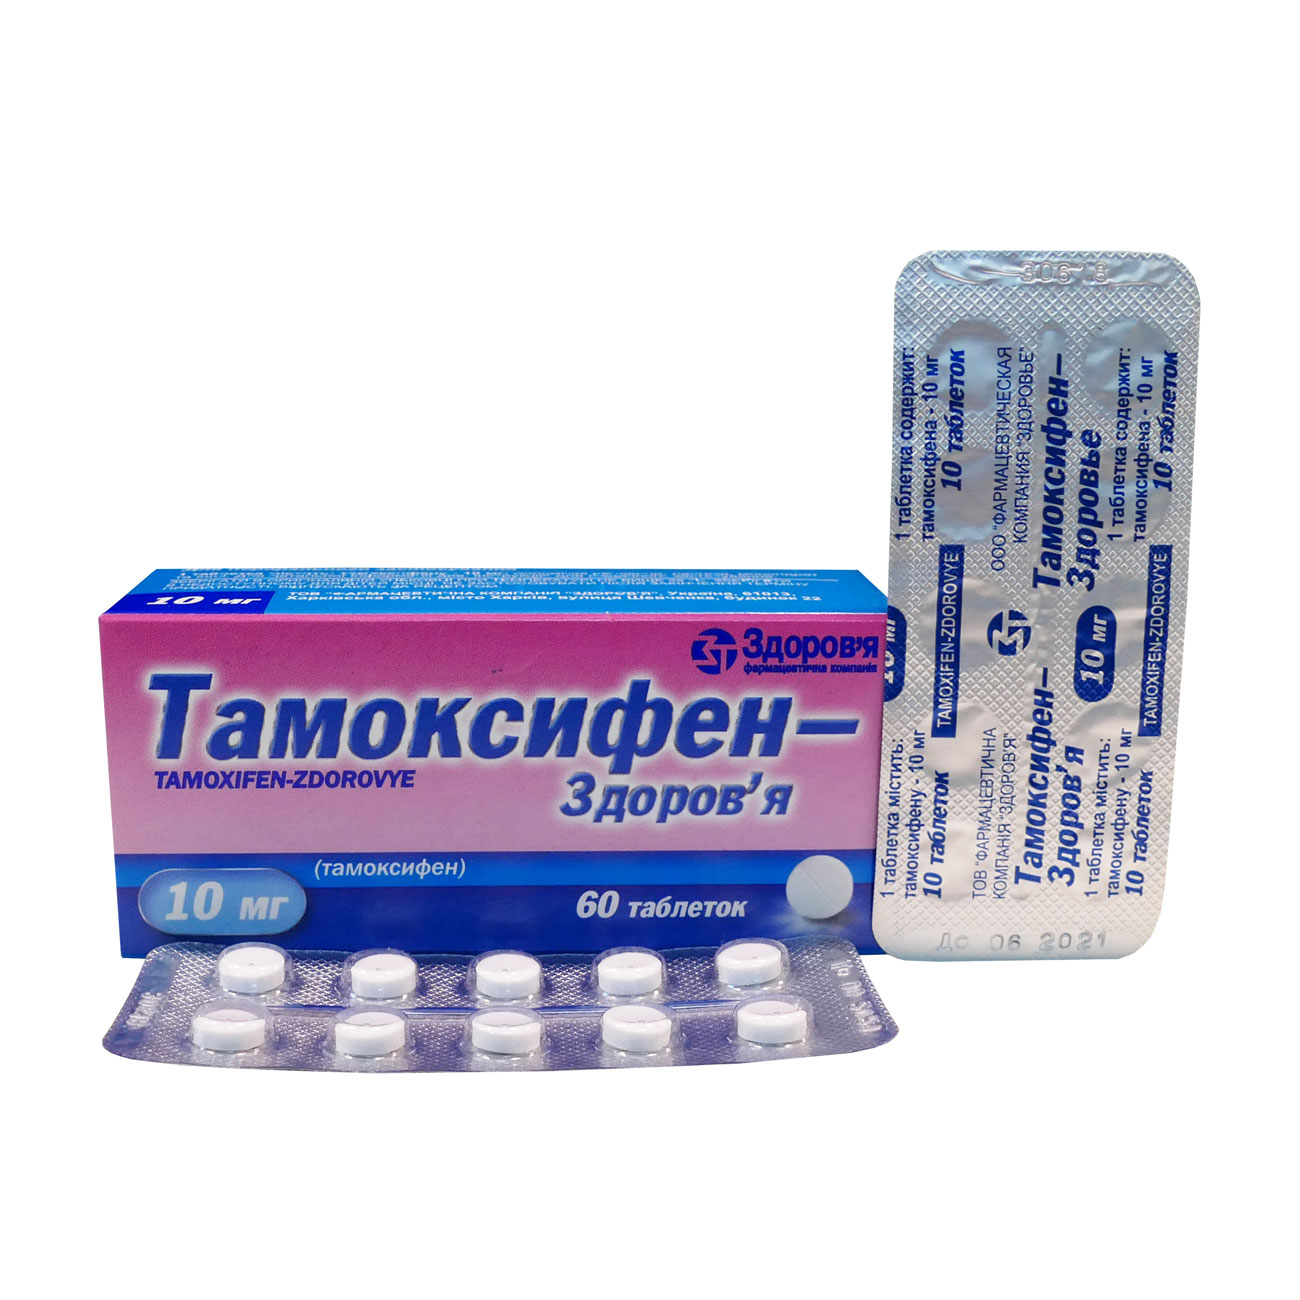 Похудеть После Тамоксифена. Лекарства-убийцы - Тамоксифен